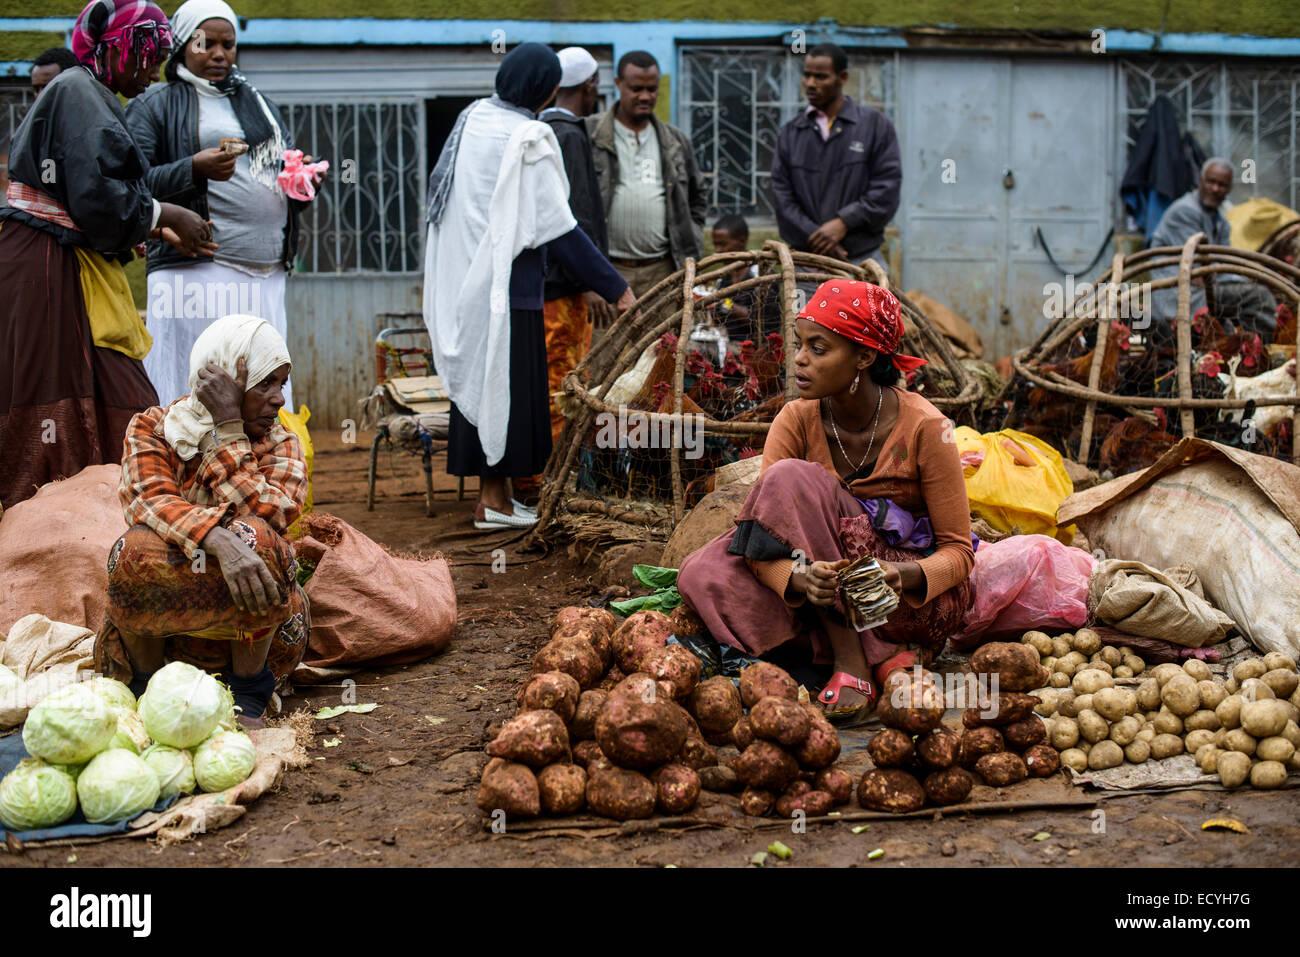 Mercato of Addis Abeba, Ethiopia - Stock Image